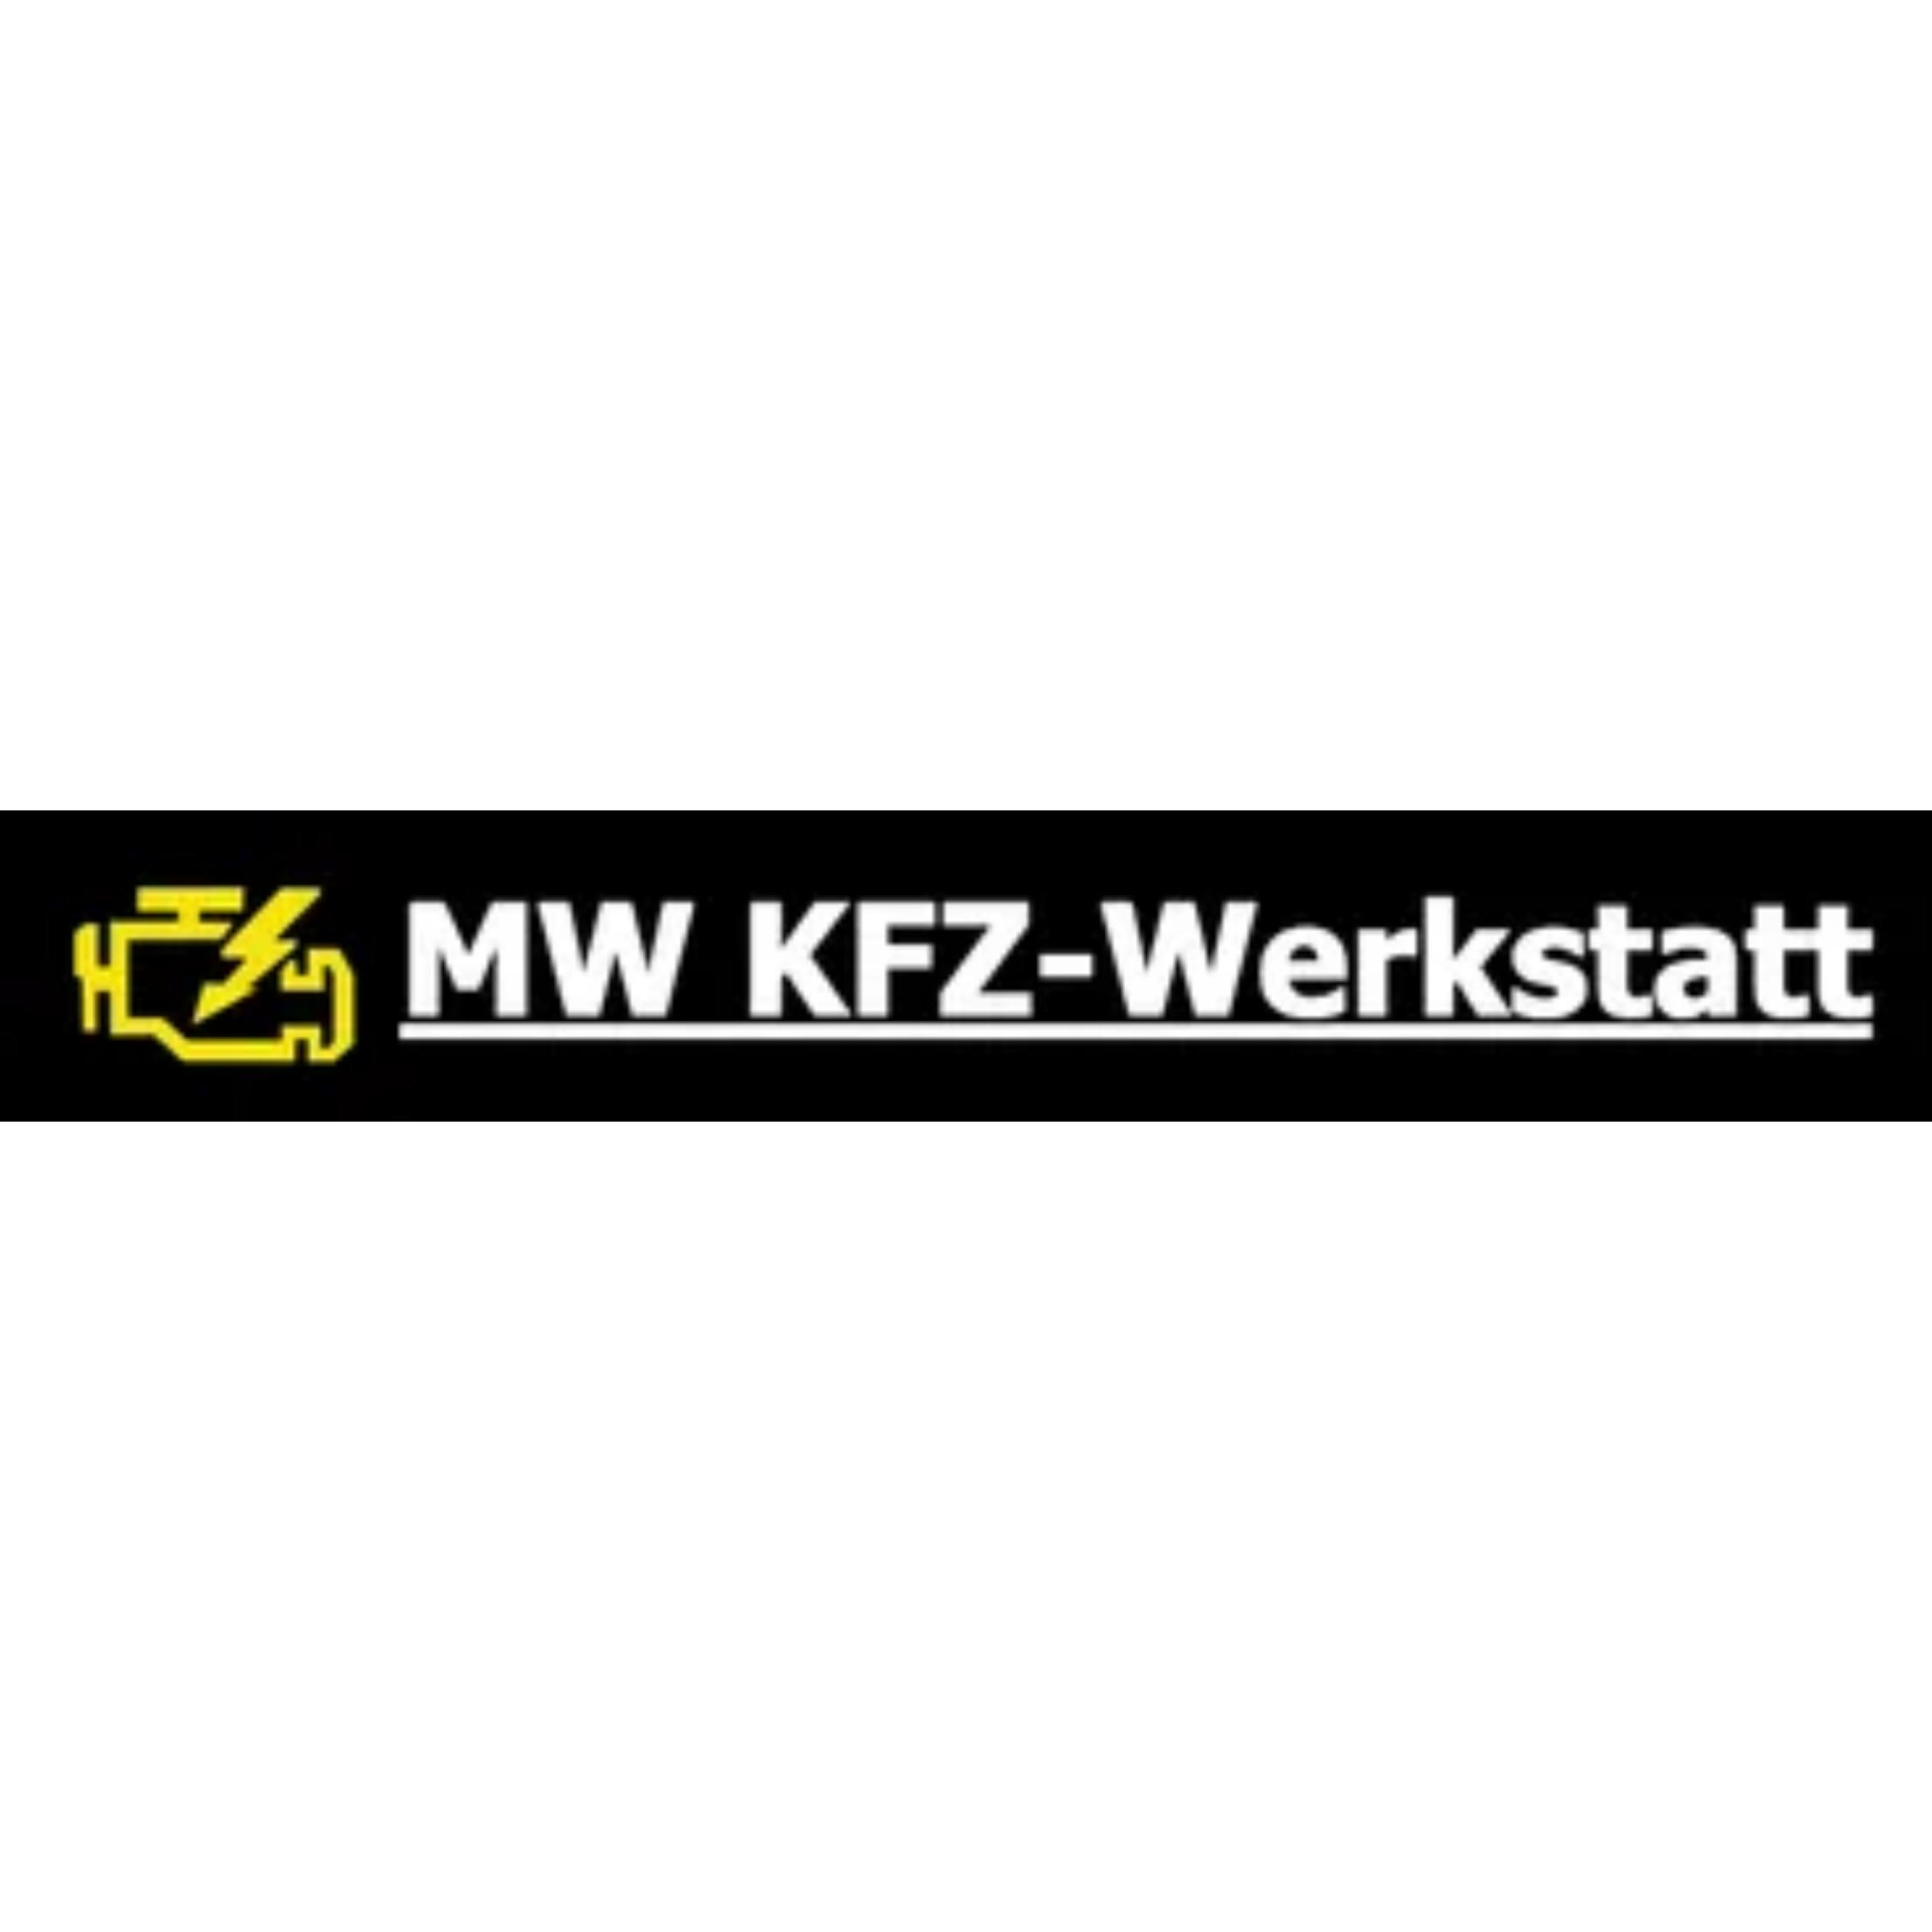 Logo von MW KFZ Werkstatt, Inh. Mathias Wehling